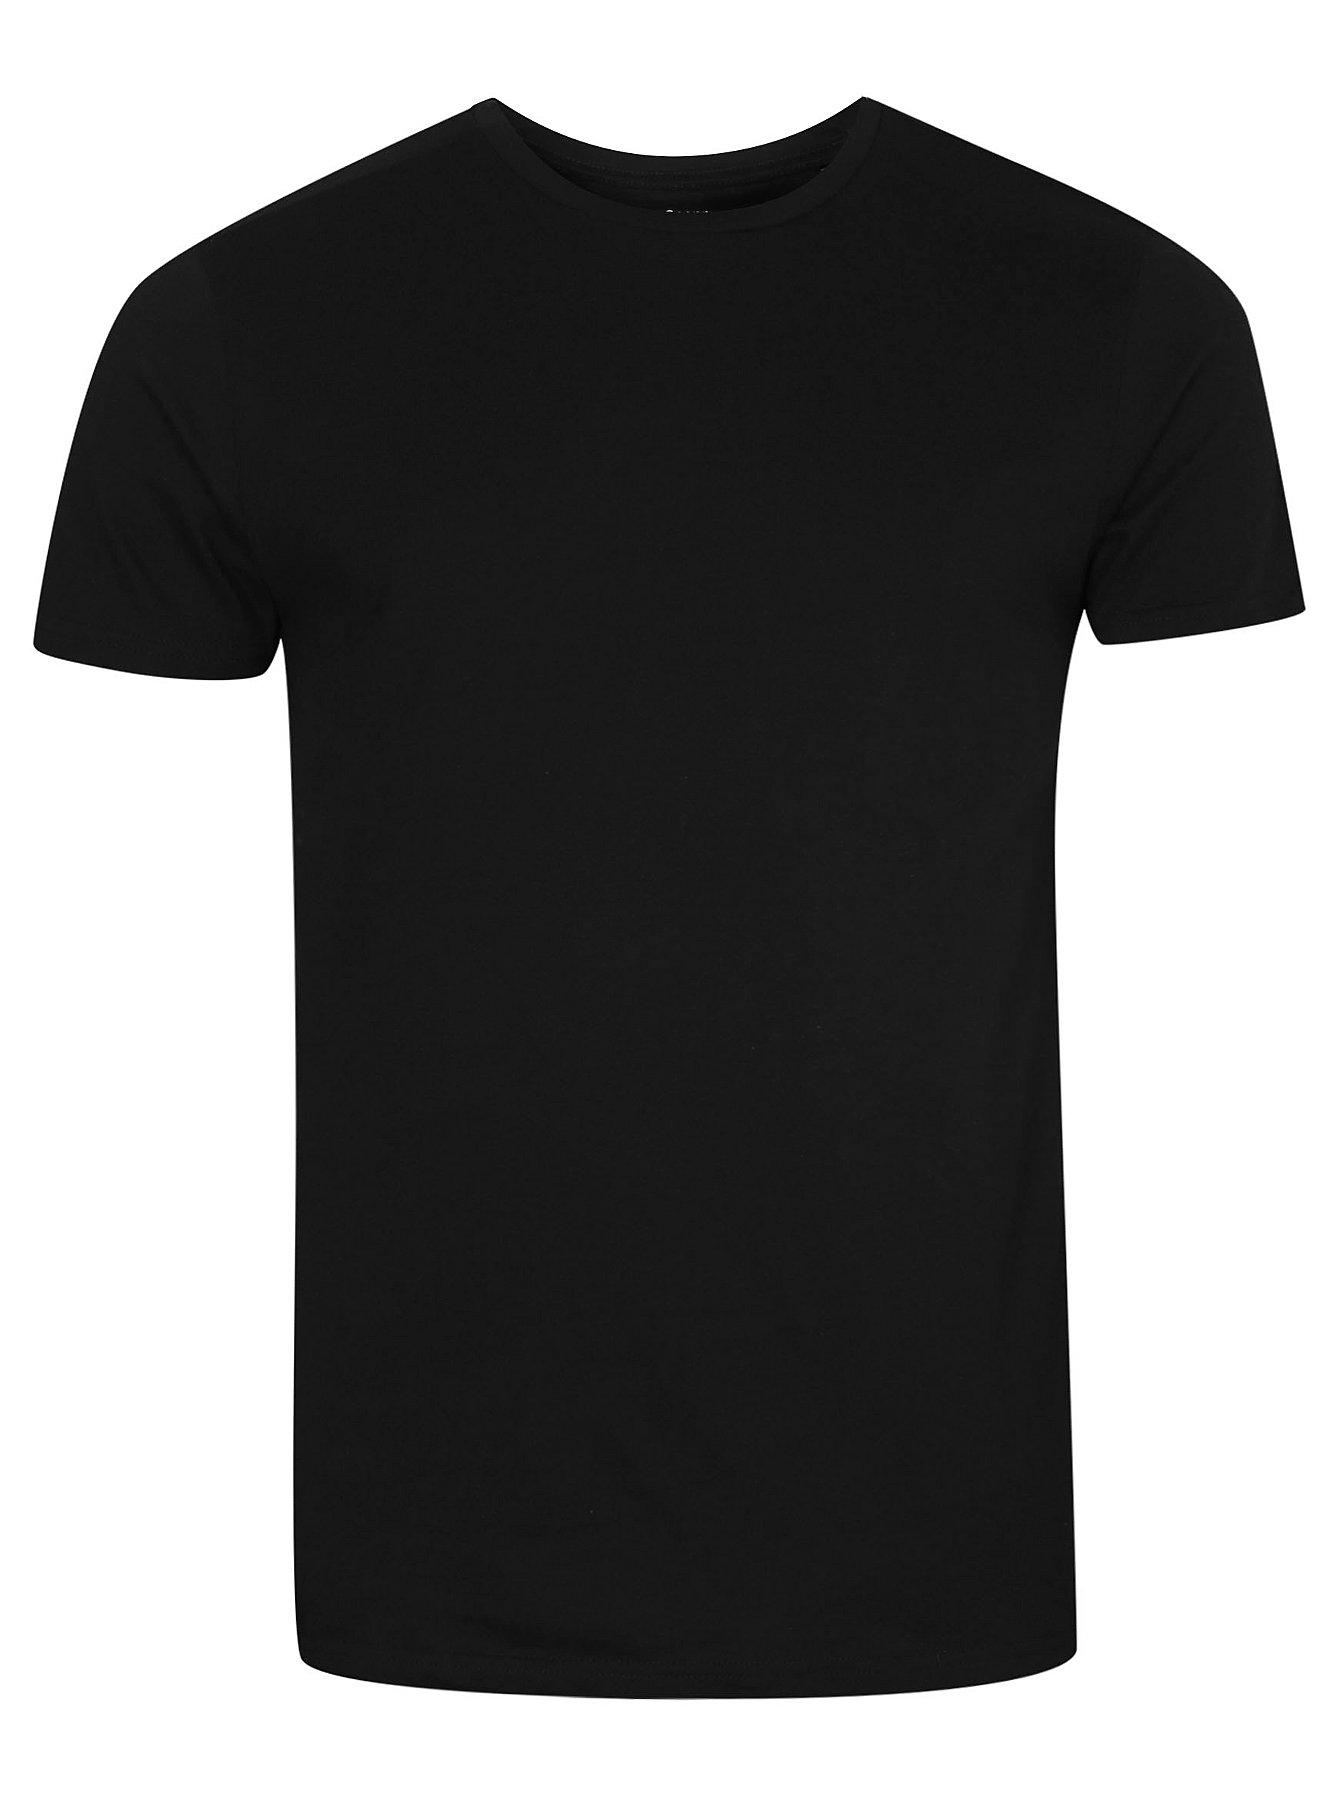 Black t shirt asda - Black T Shirt Asda 2